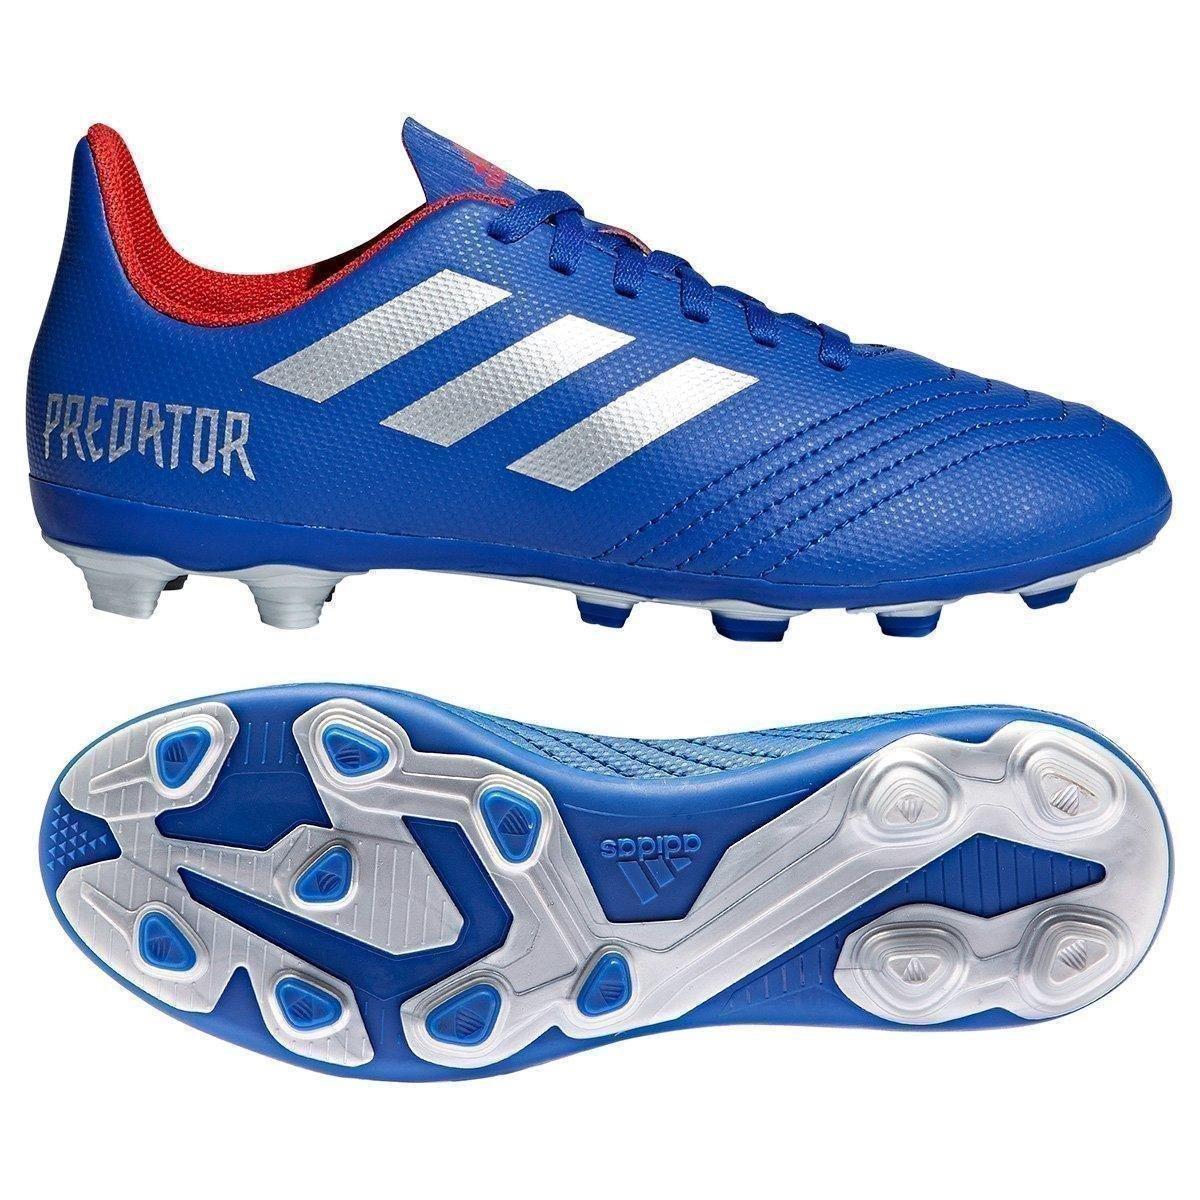 85702d640d Chuteira Campo Infantil Adidas Predator 19 4 FG - Azul e Prata | Allianz  Parque Shop